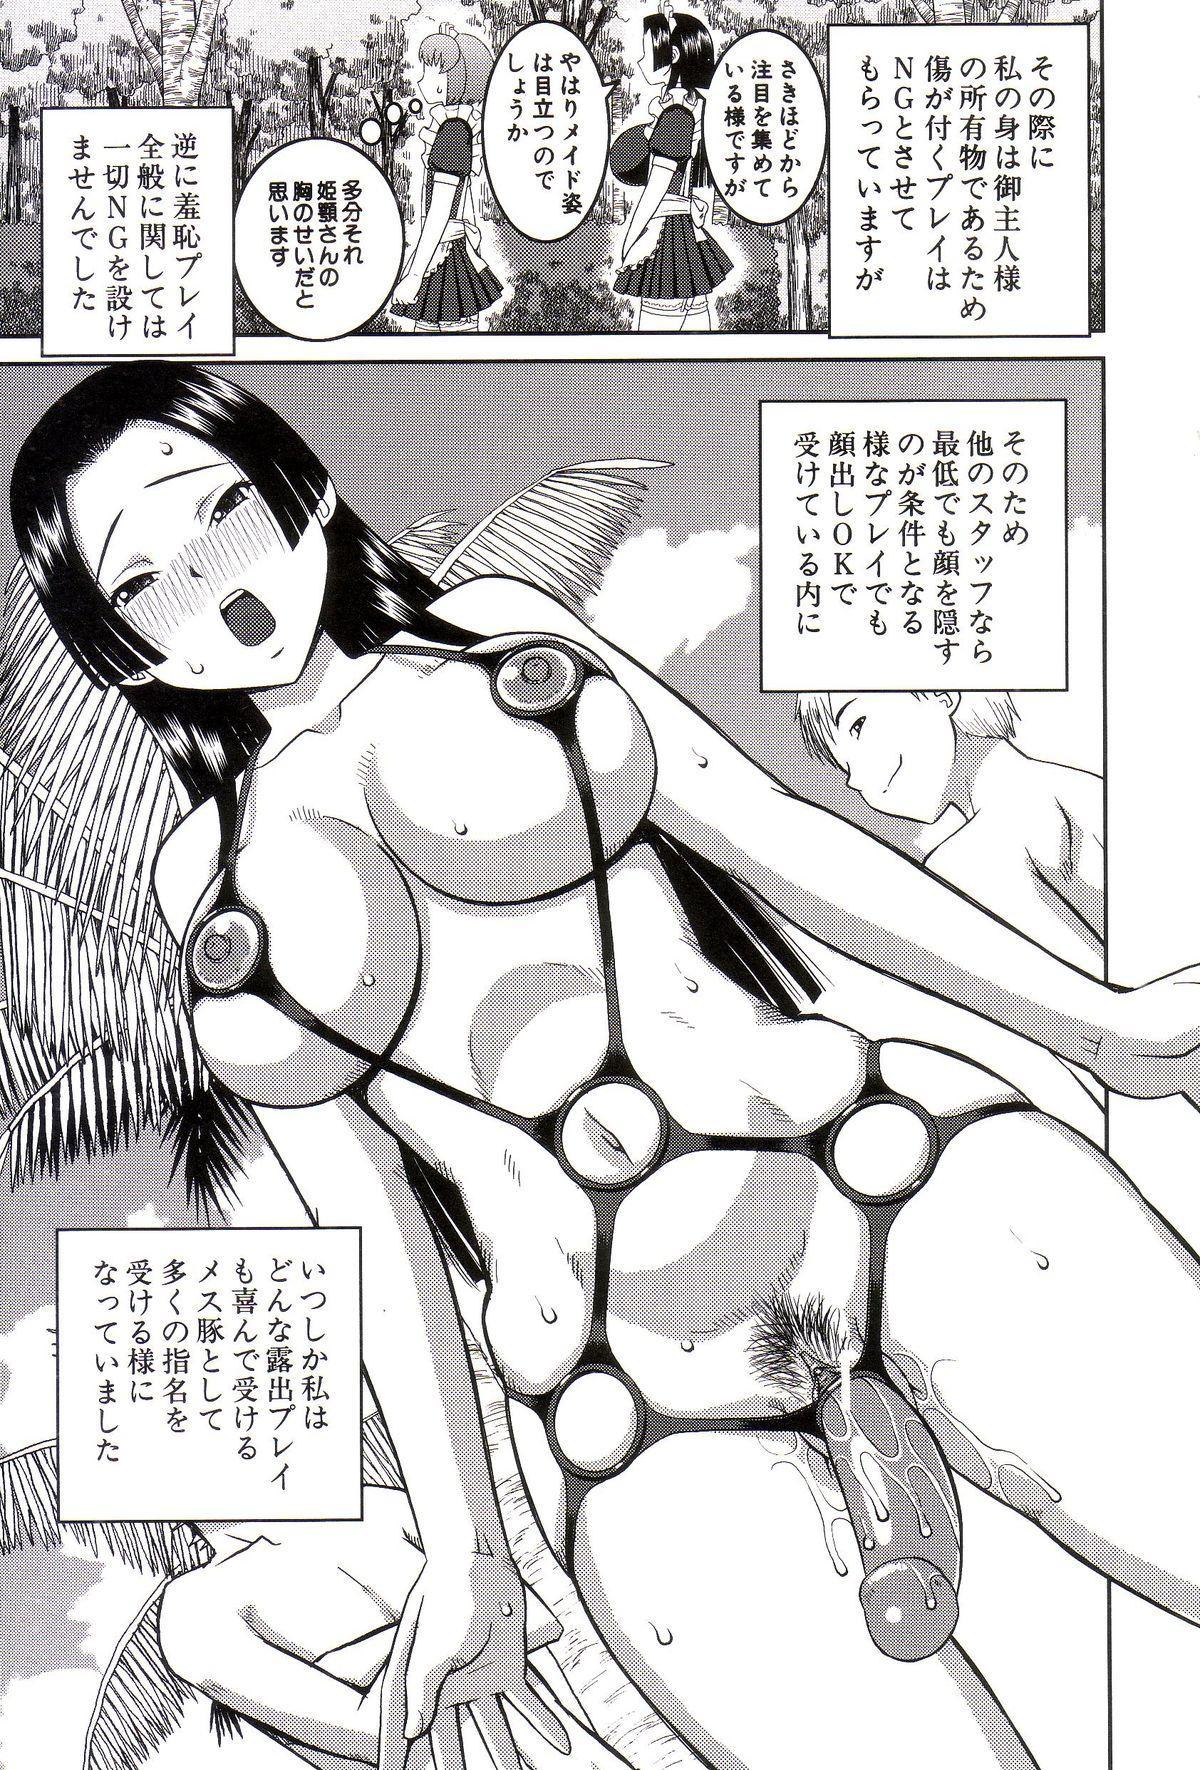 Roshutsukyou Hentai Hakusho 221